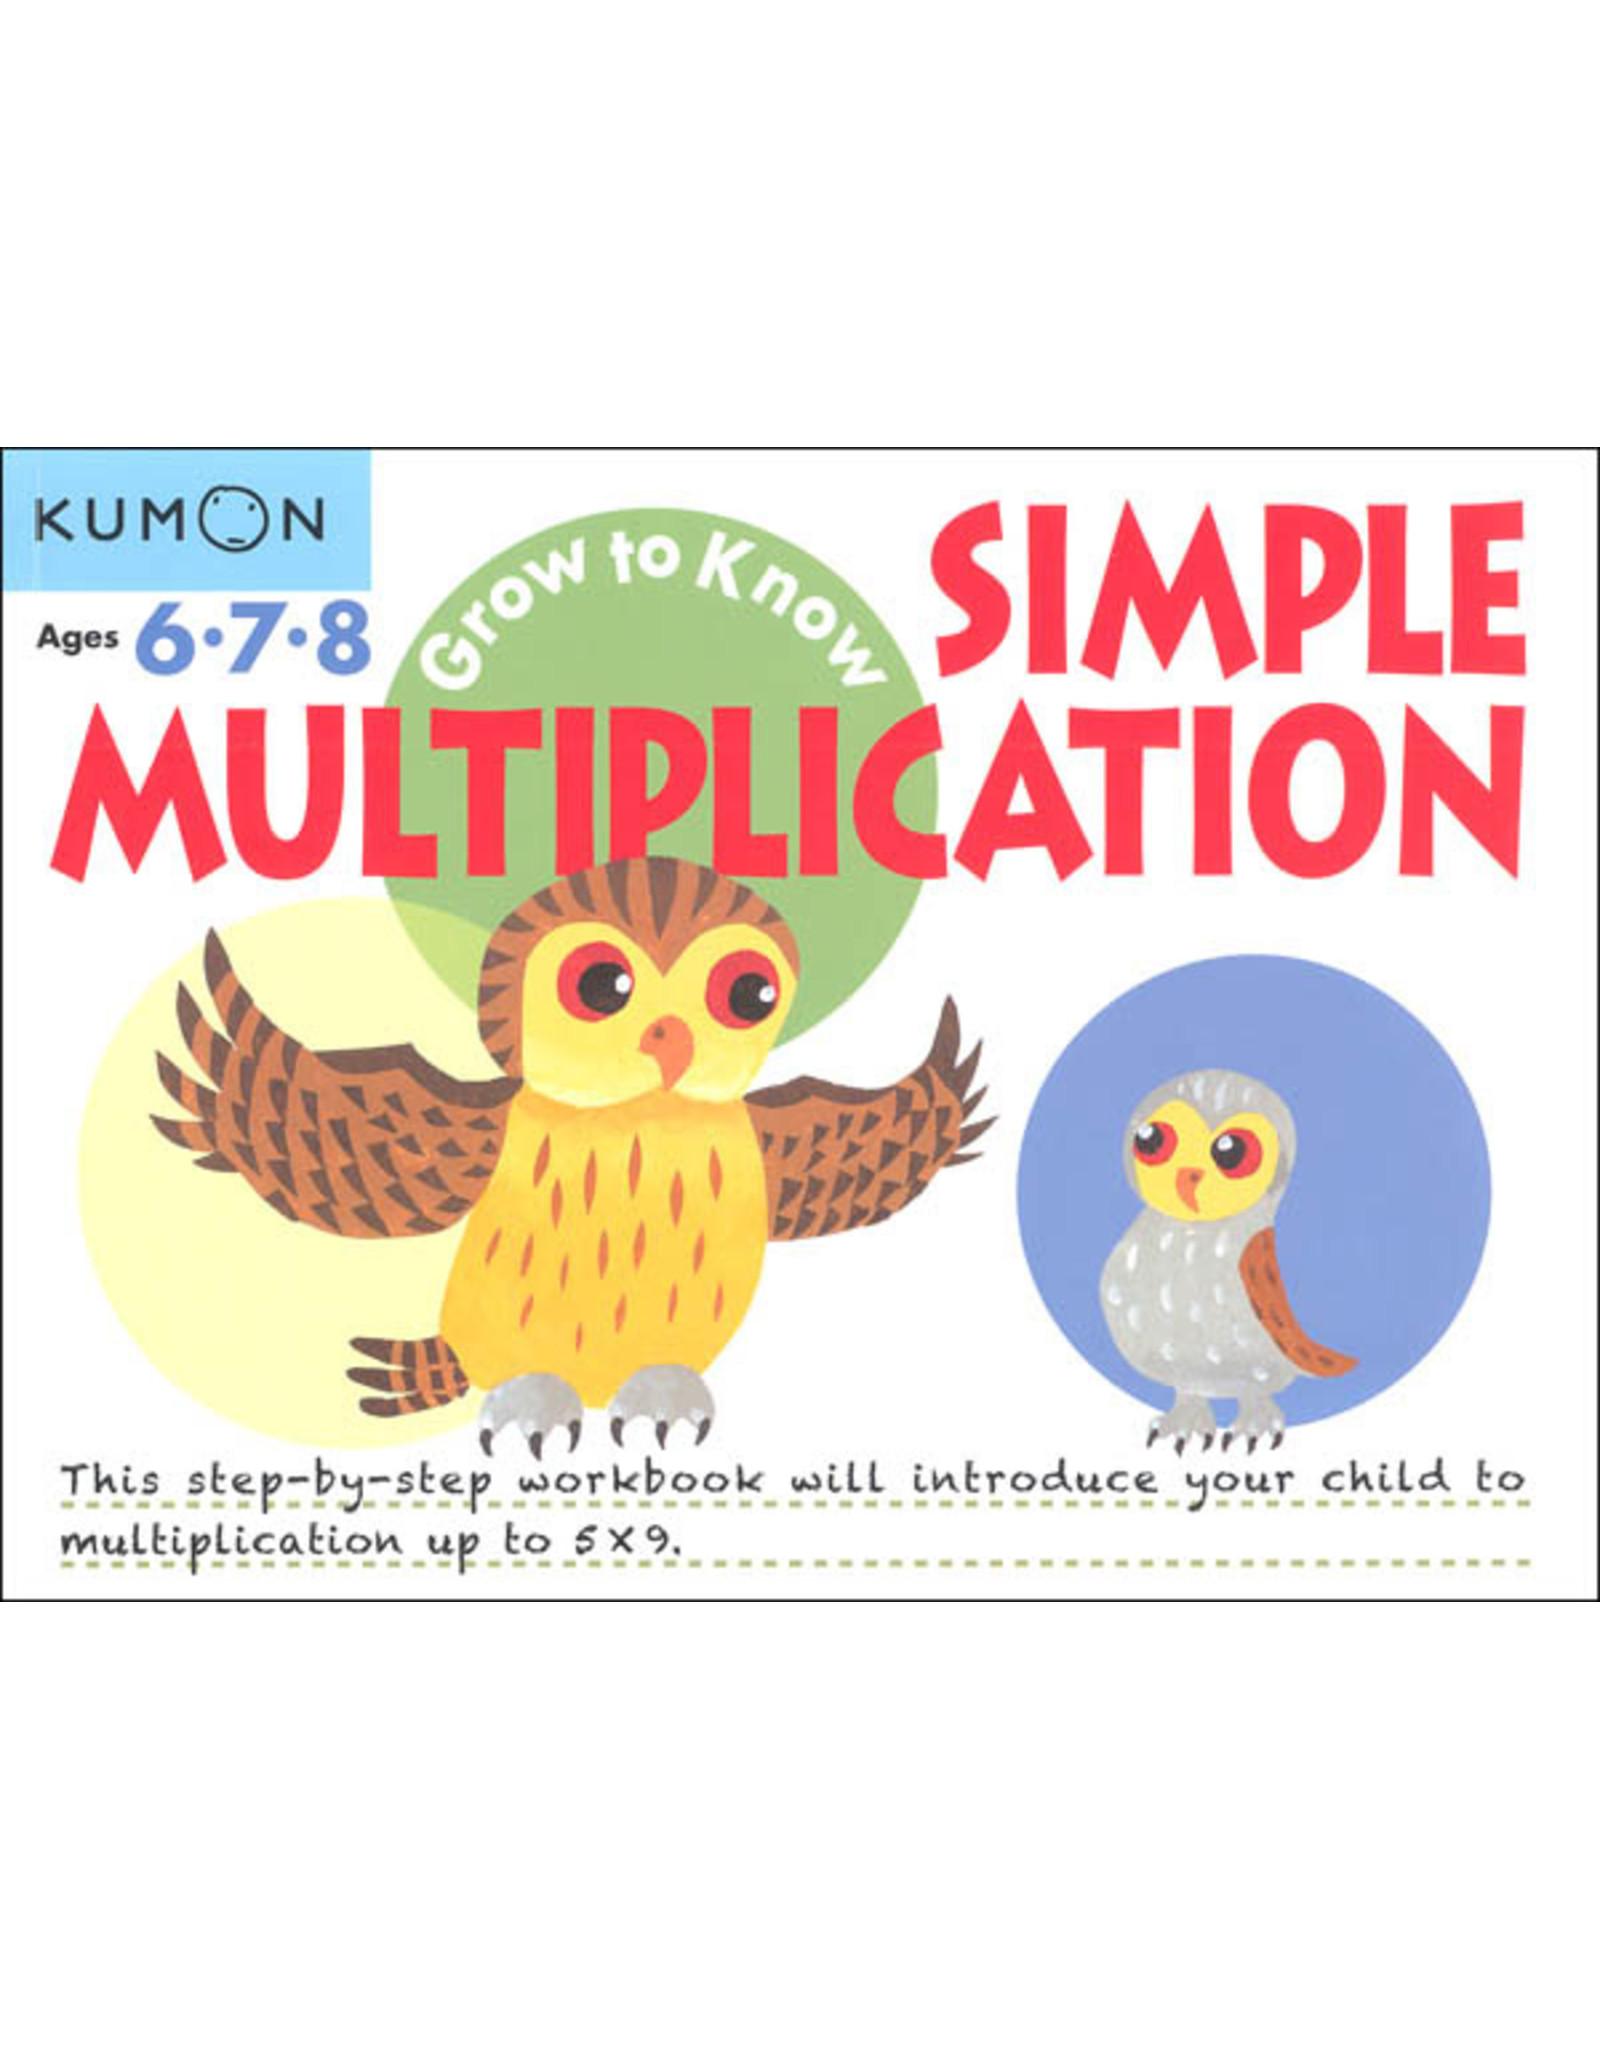 Kumon GROW-TO-KNOW SIMPLE MULTIPLICATION